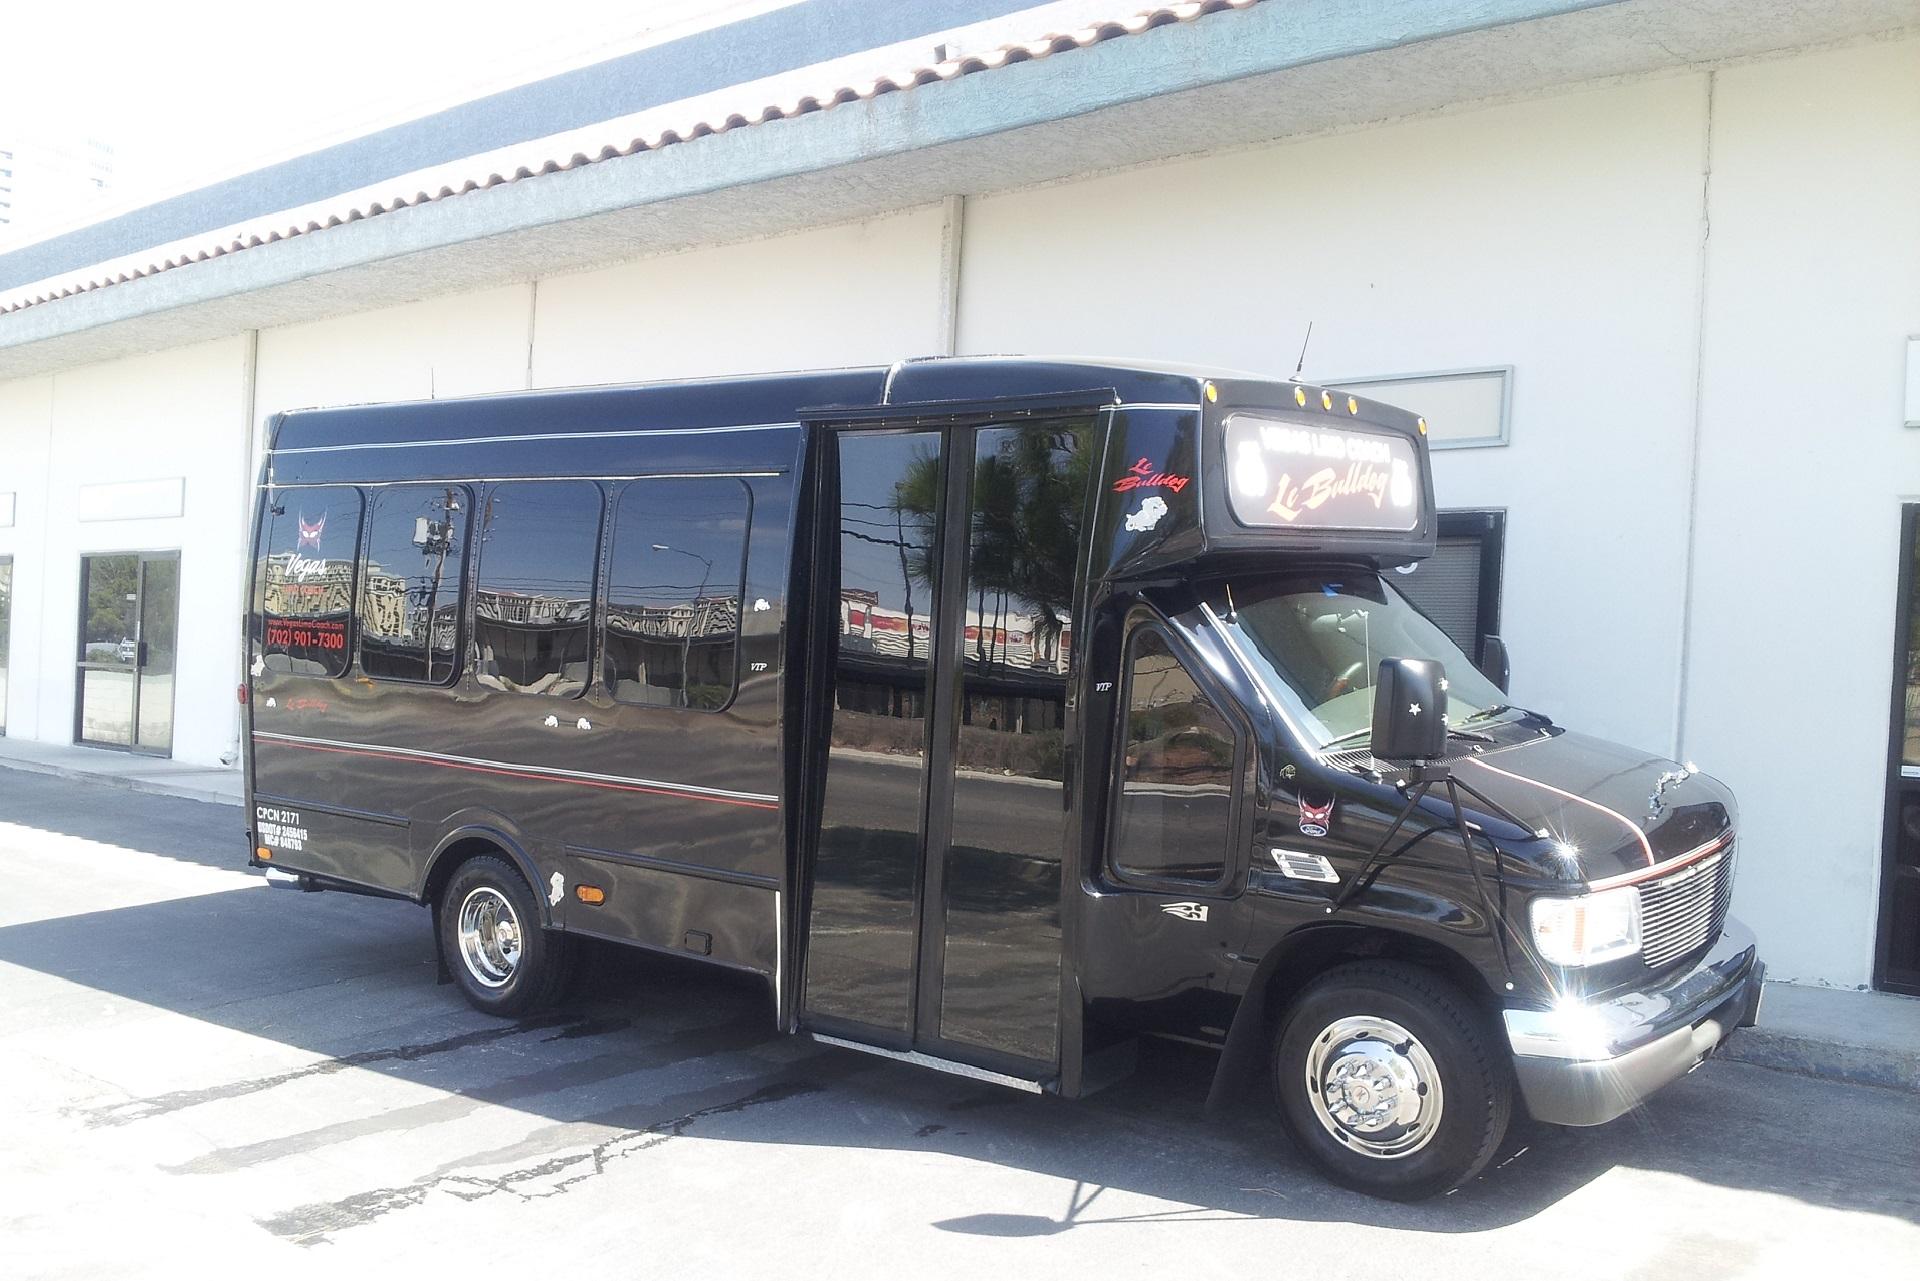 Bulldog Party Bus Photo tour